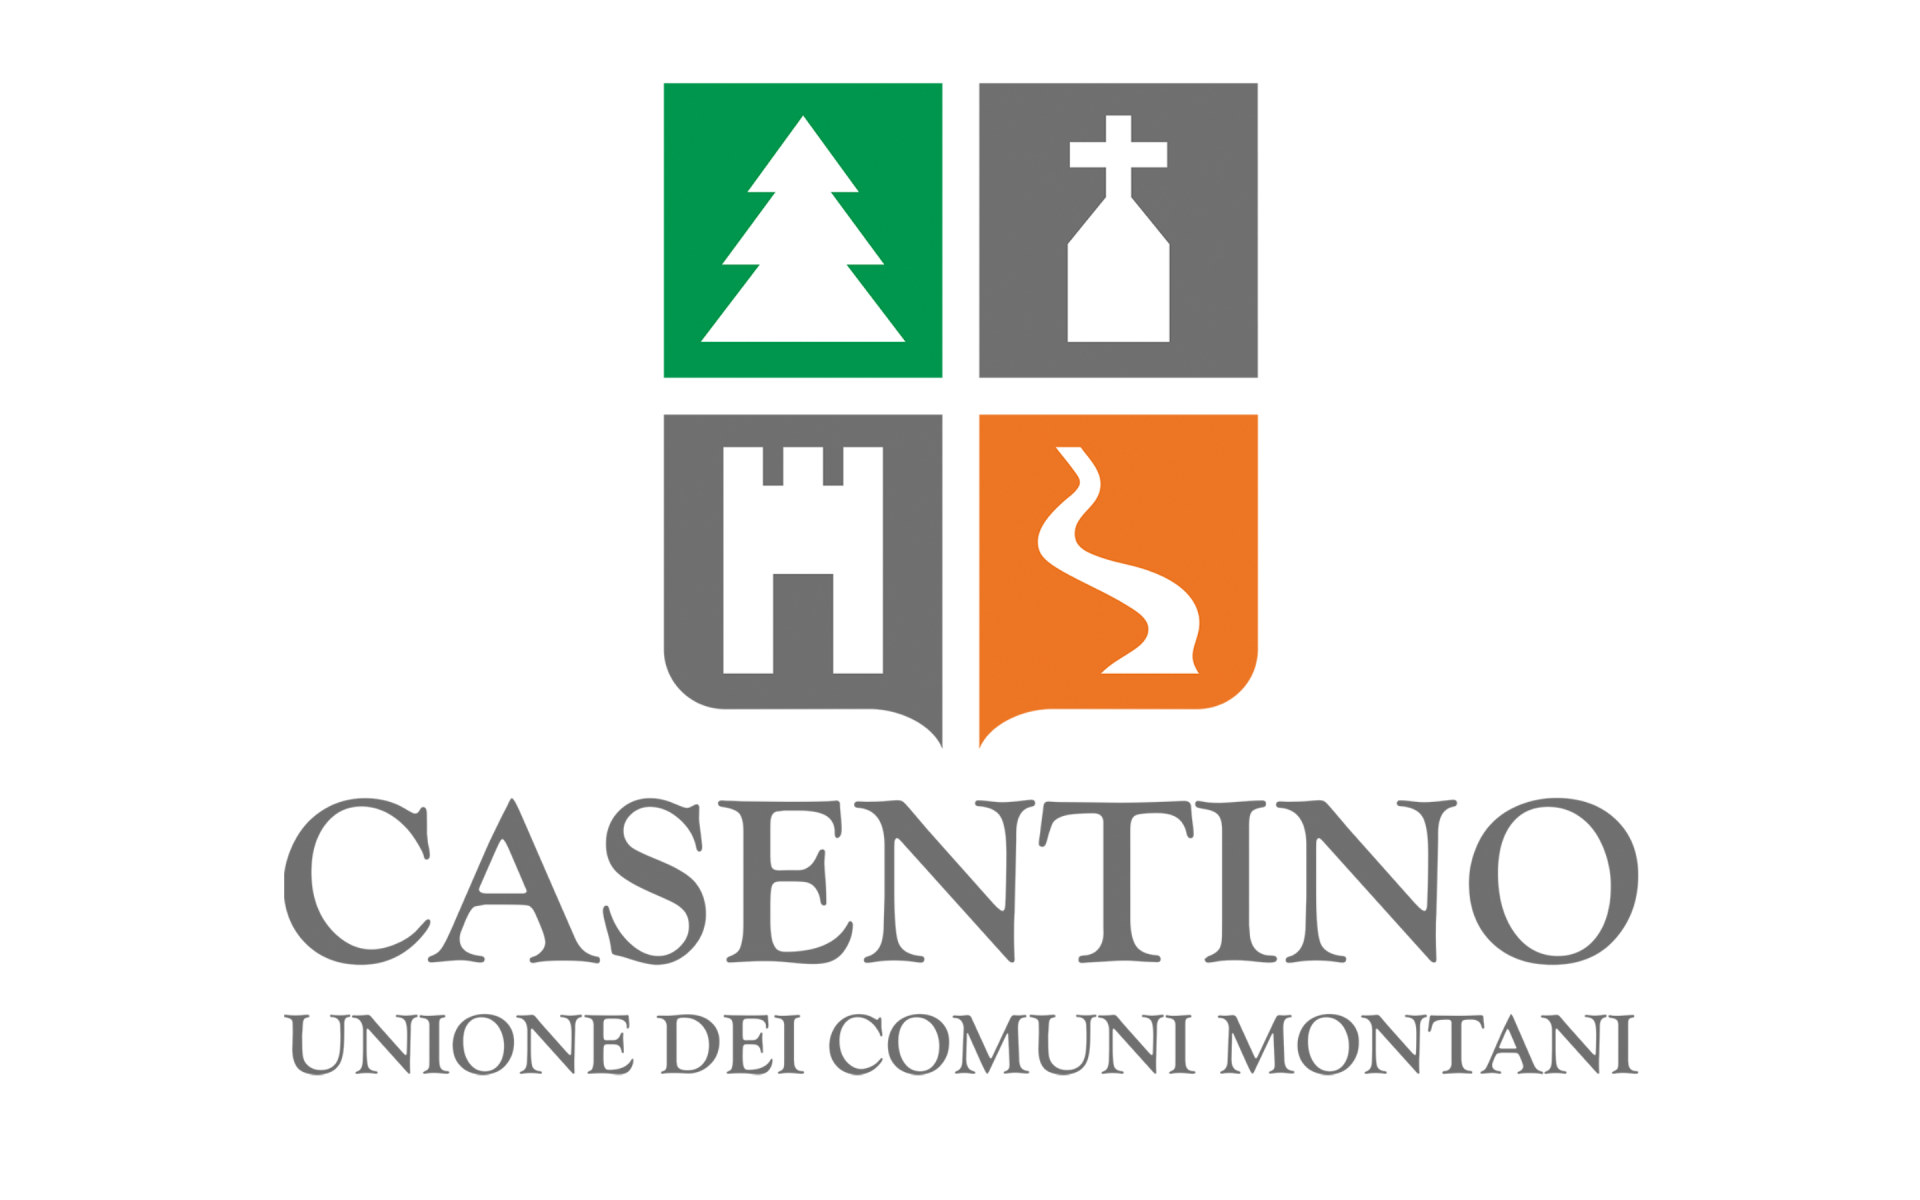 unione_casentinologo